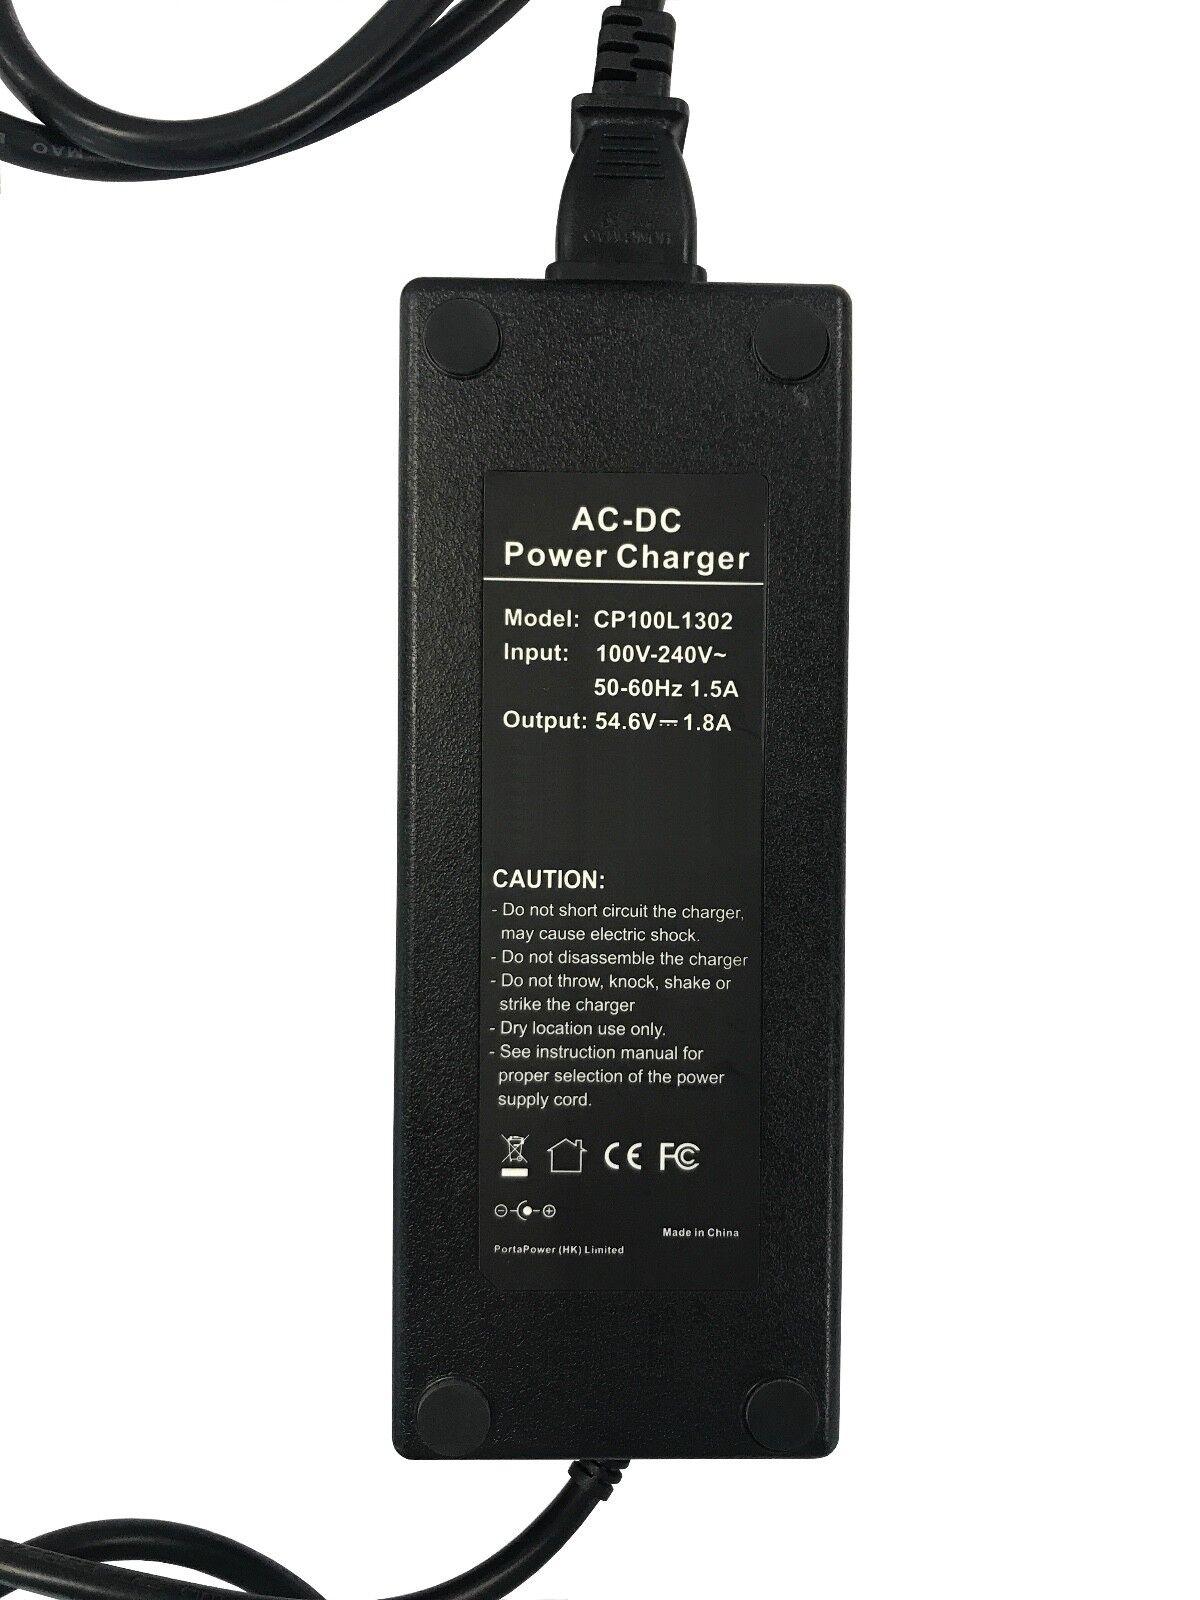 Chargeur pour Lithium-Ion trikke Elektroscooter Lithium-Ion pour Batteries (48v-12 Ah) e5c0ff